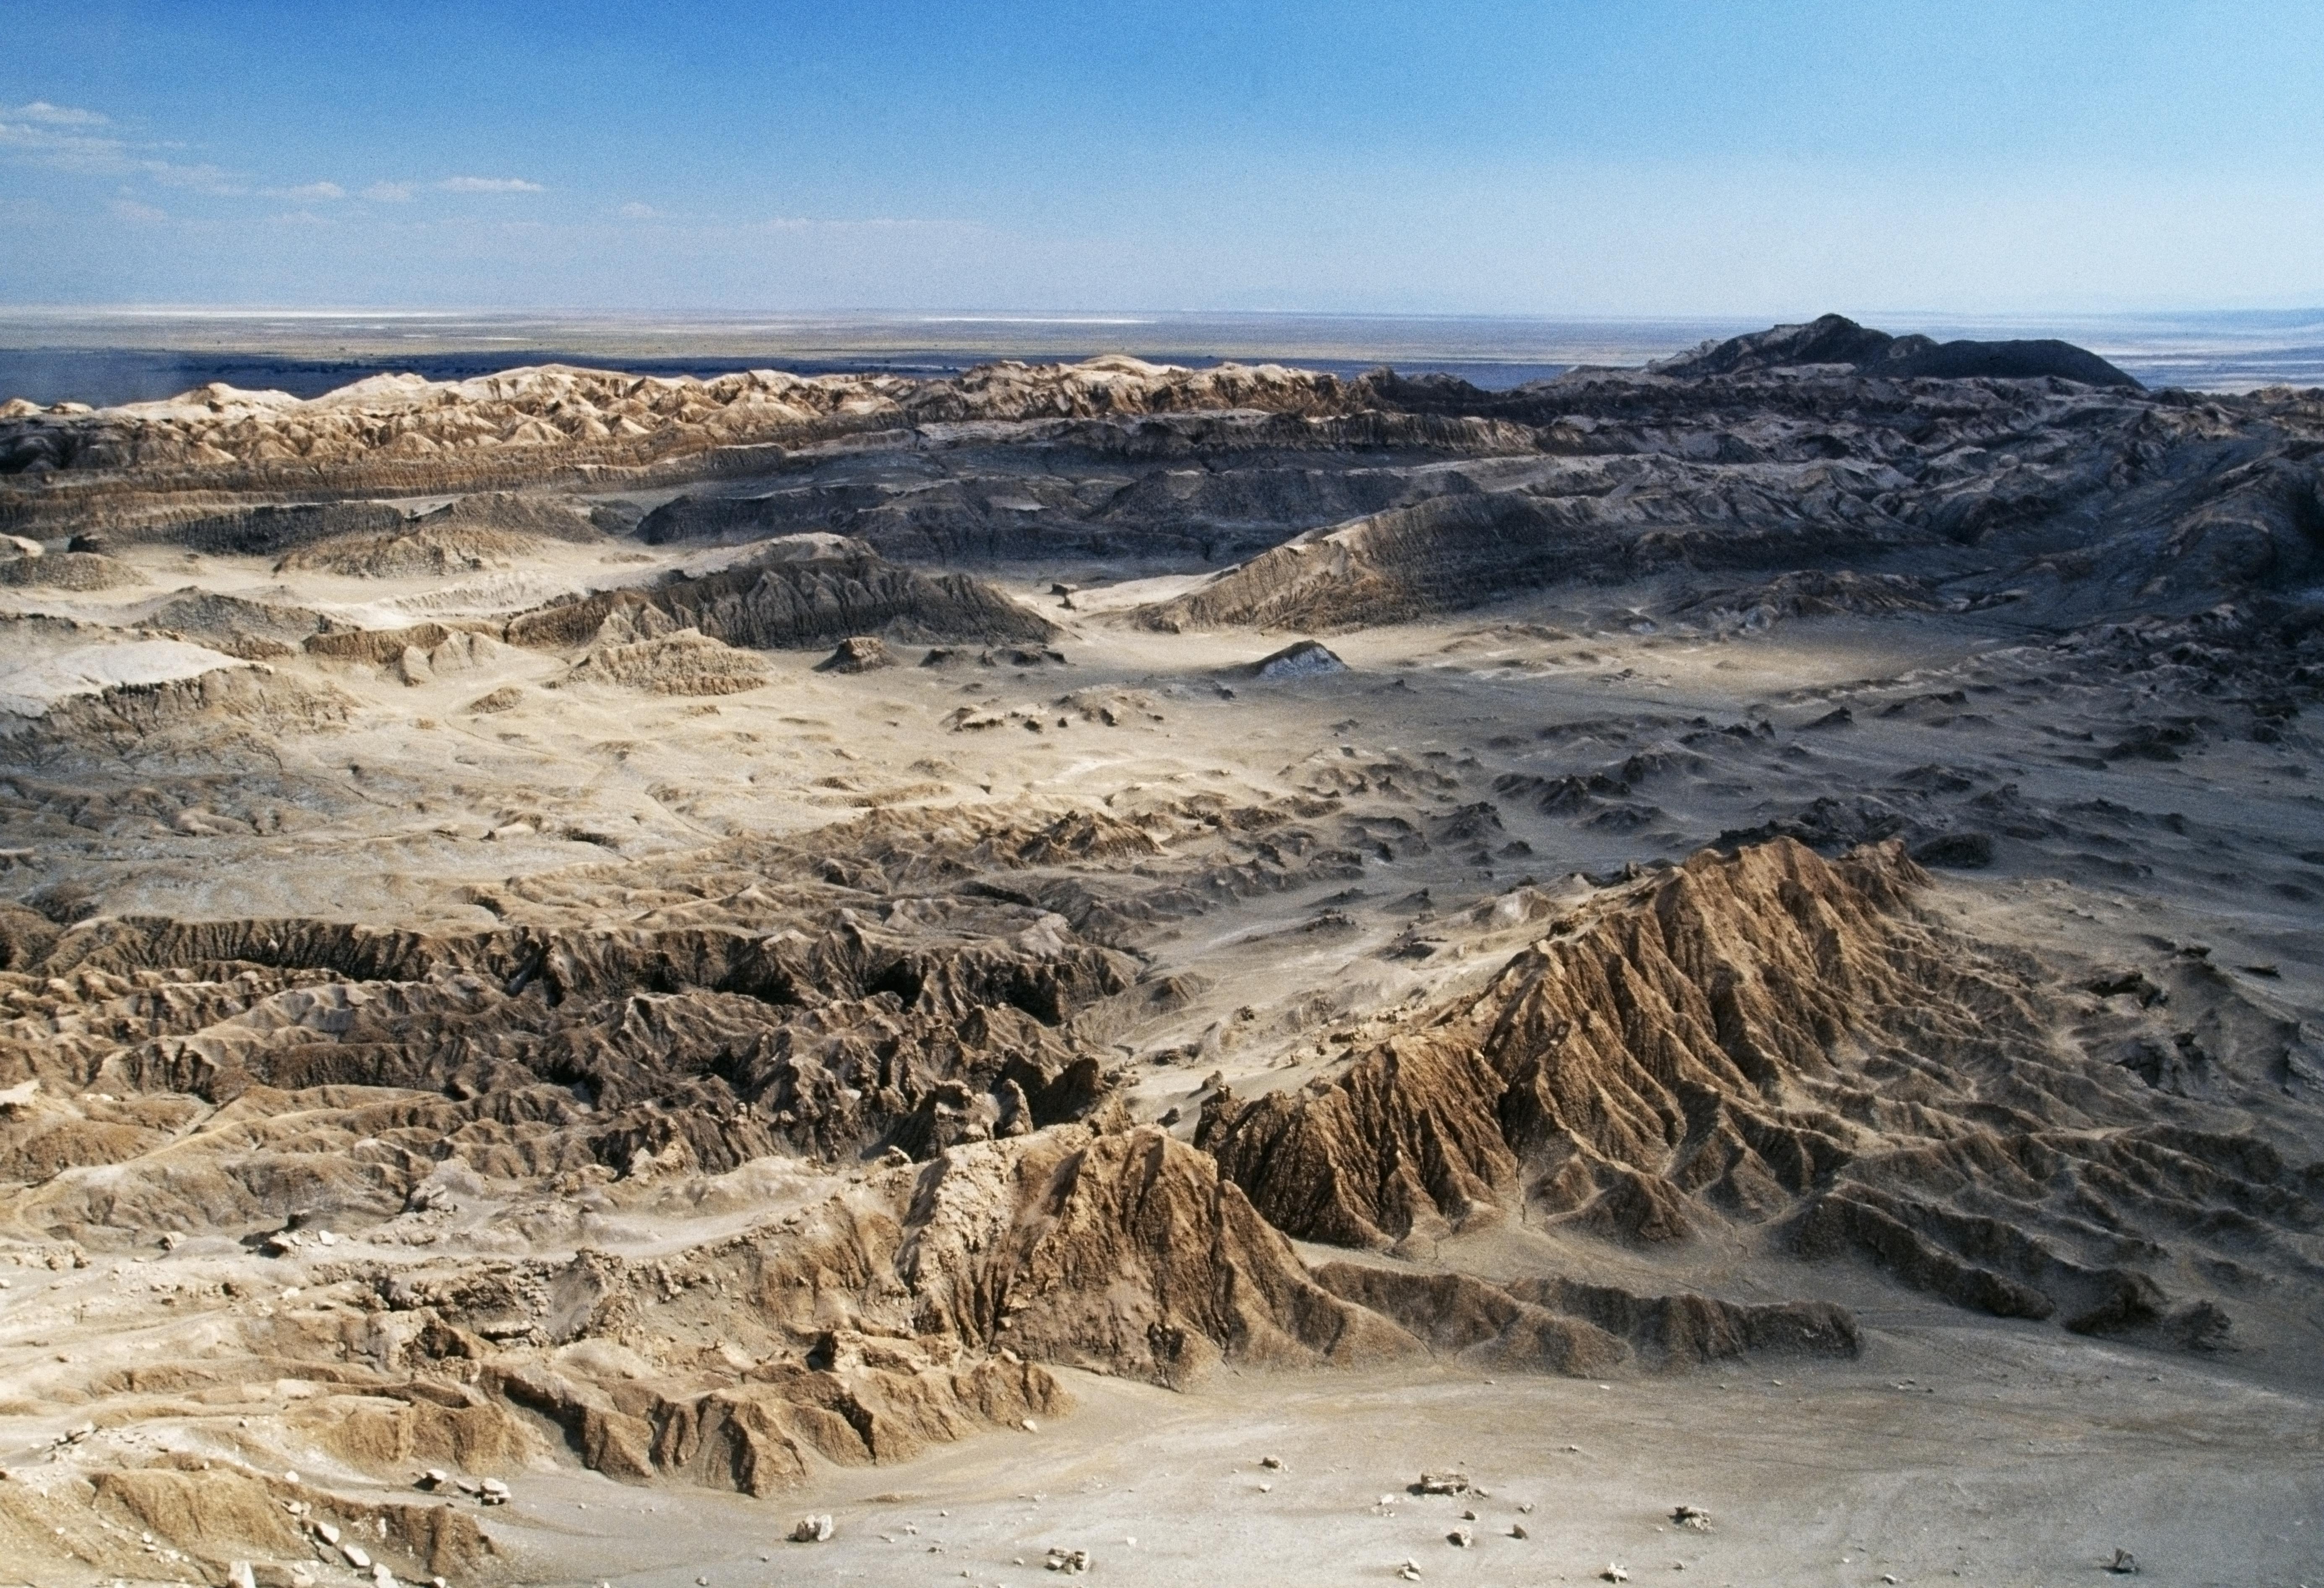 Cordillera del Sal, San Pedro de Atacama, Antofagasta Region, Chile, on June 15, 2014.